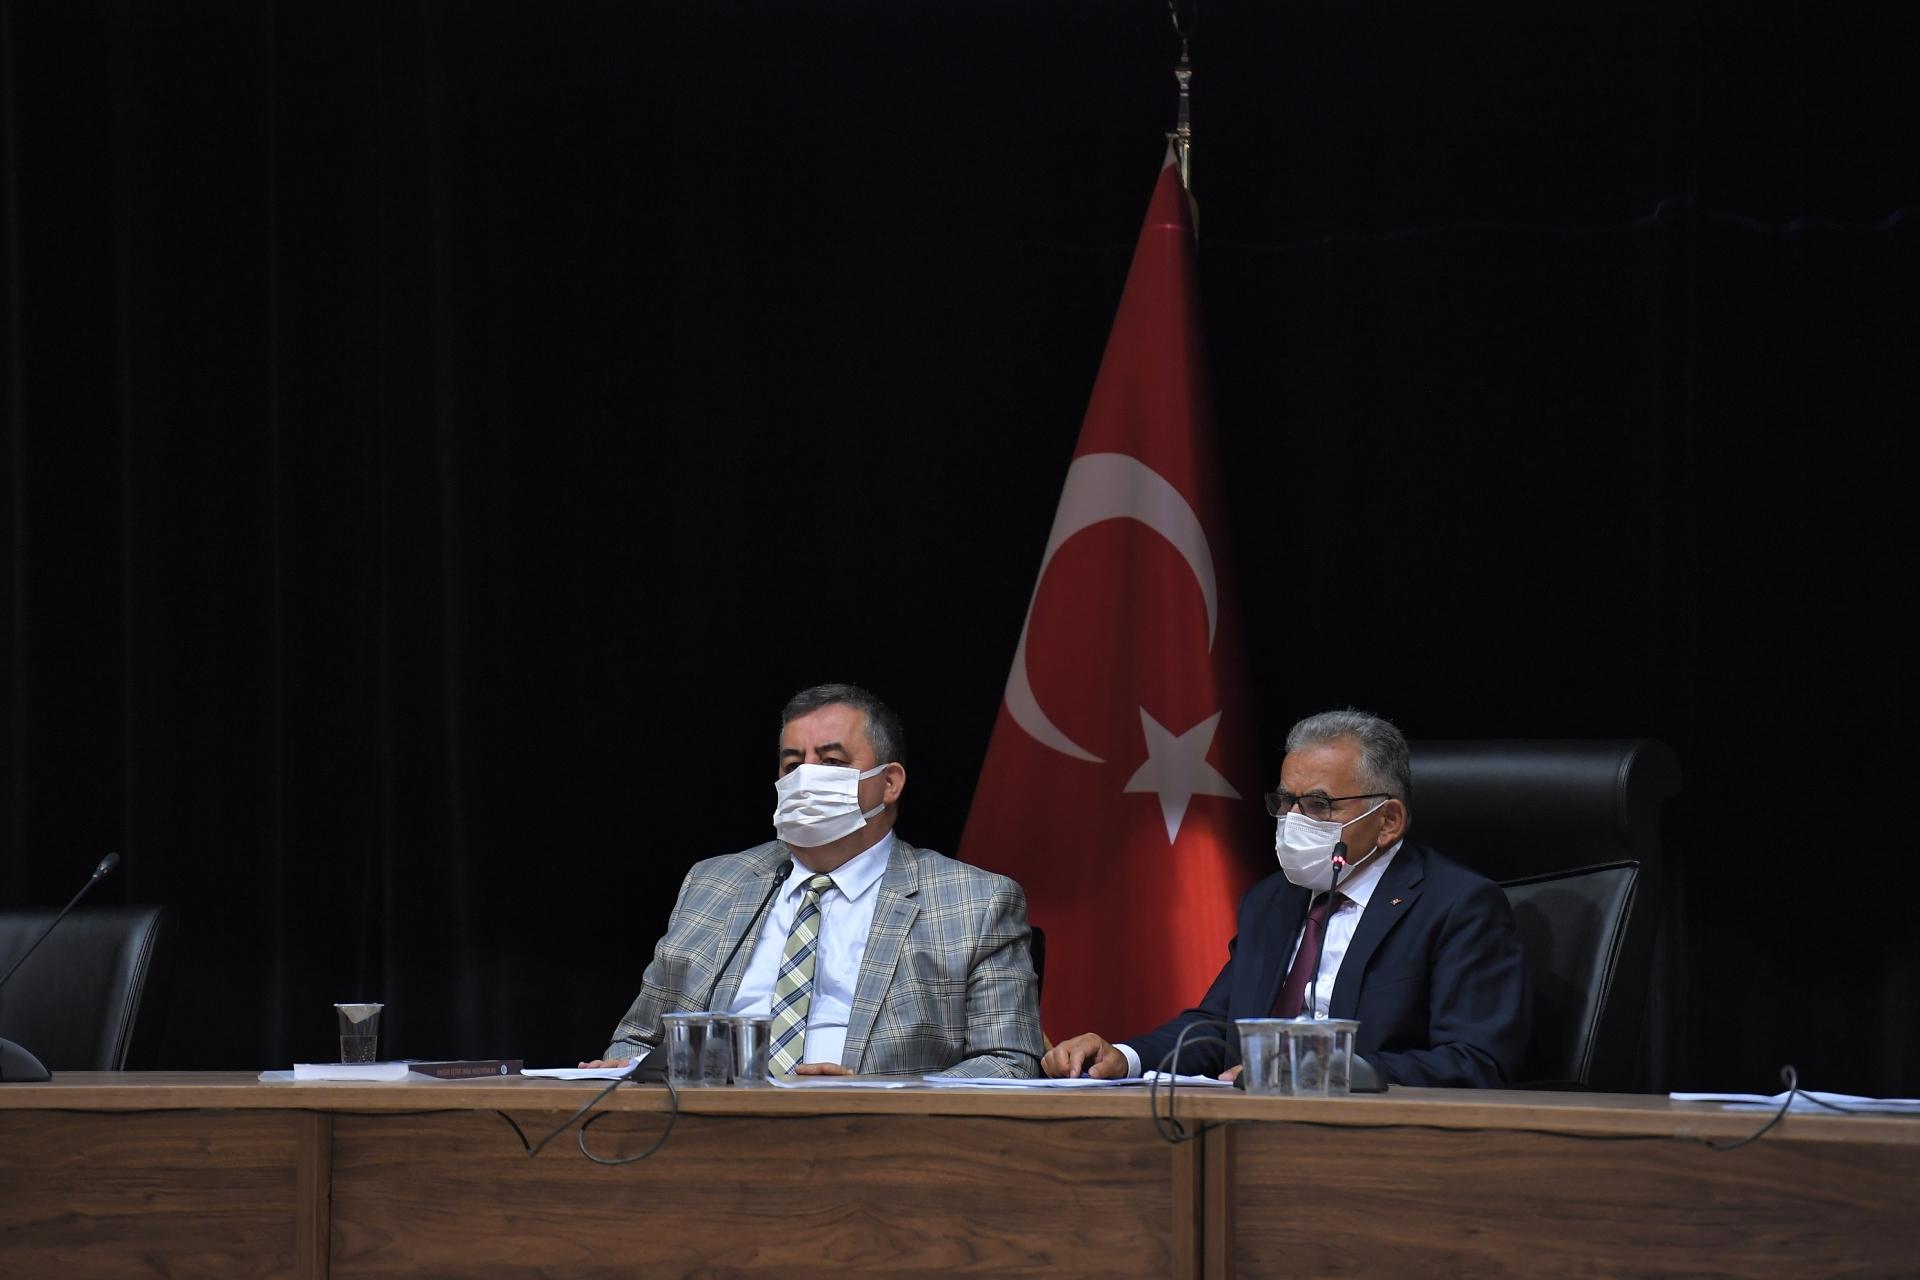 Büyükşehir, Eylül Ayı Meclis Toplantısı'nı Gerçekleştirdi